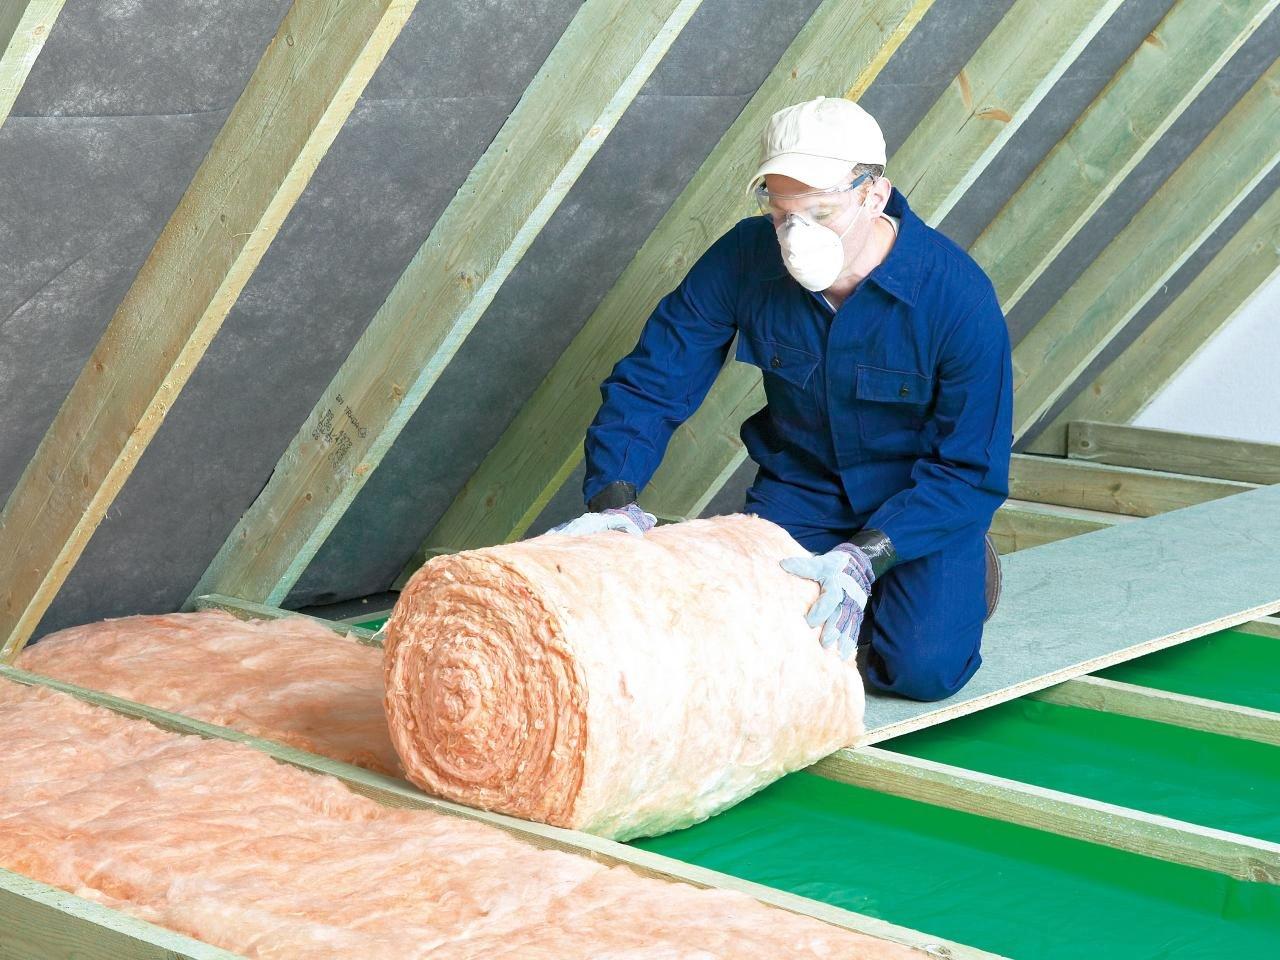 минвата для утепления крыши какую выбрать